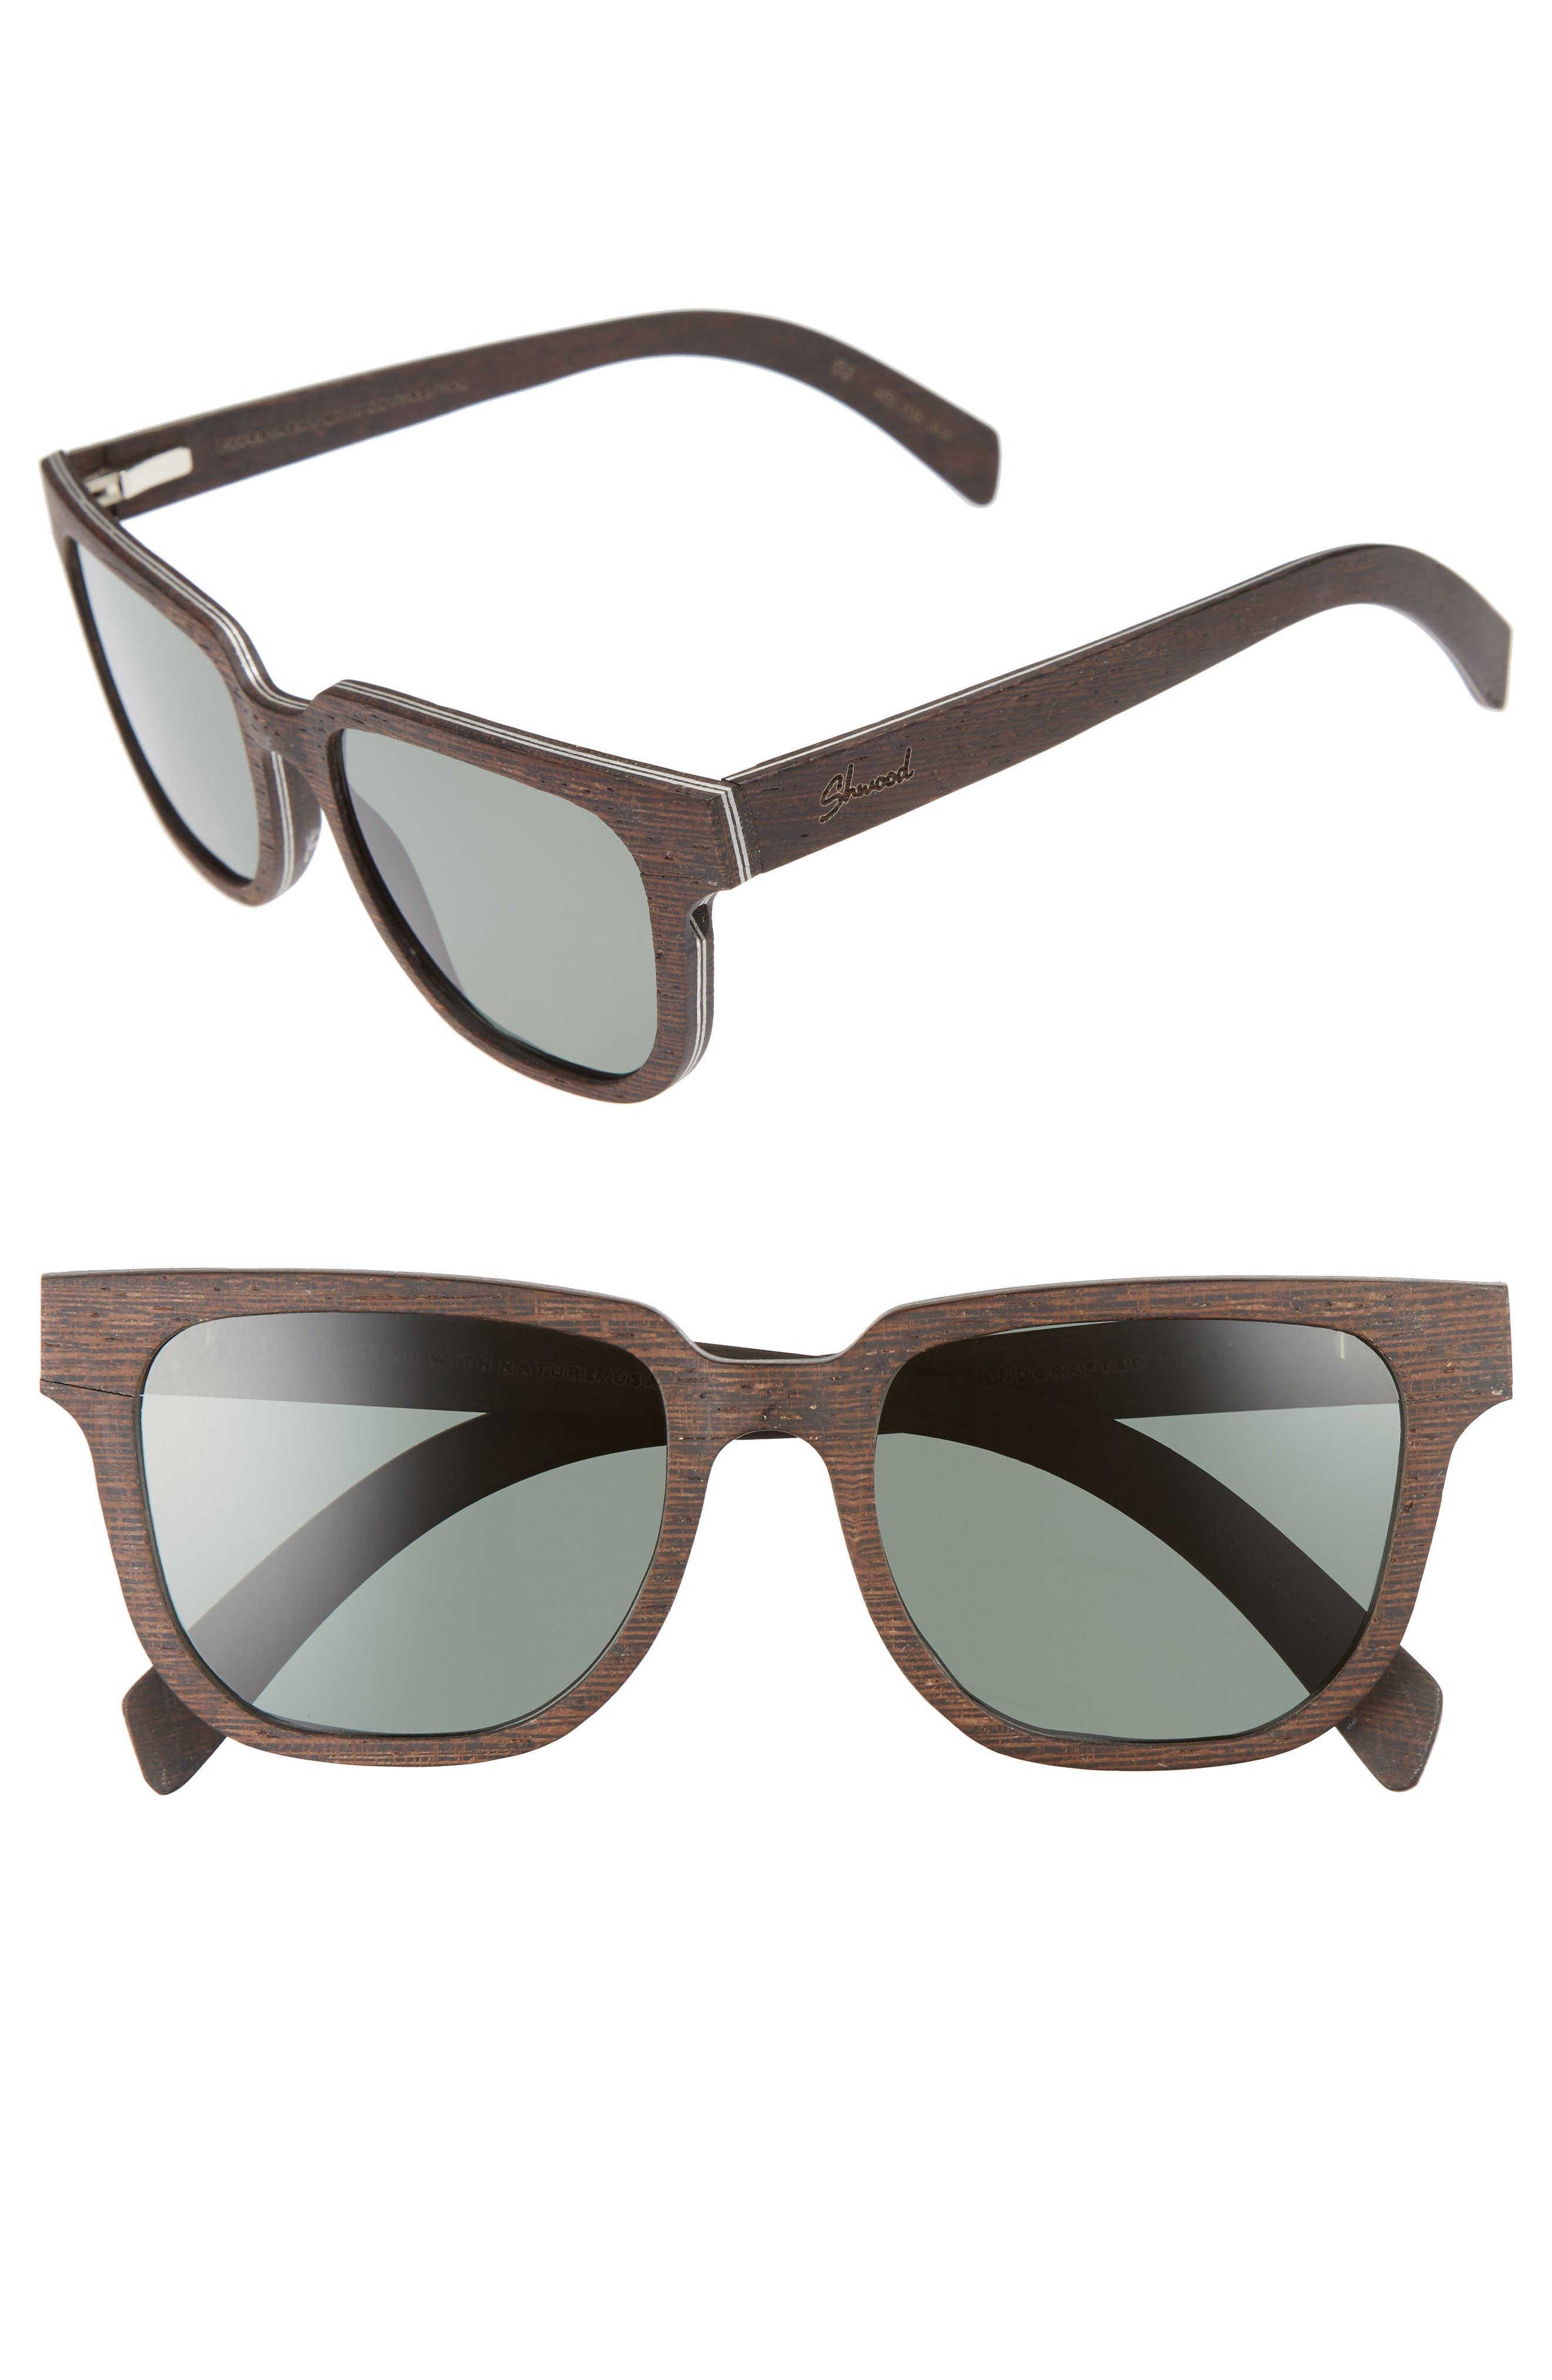 Prescott 52mm Polarized Walnut Wood Sunglasses,                             Main thumbnail 1, color,                             DARK WALNUT/ G15